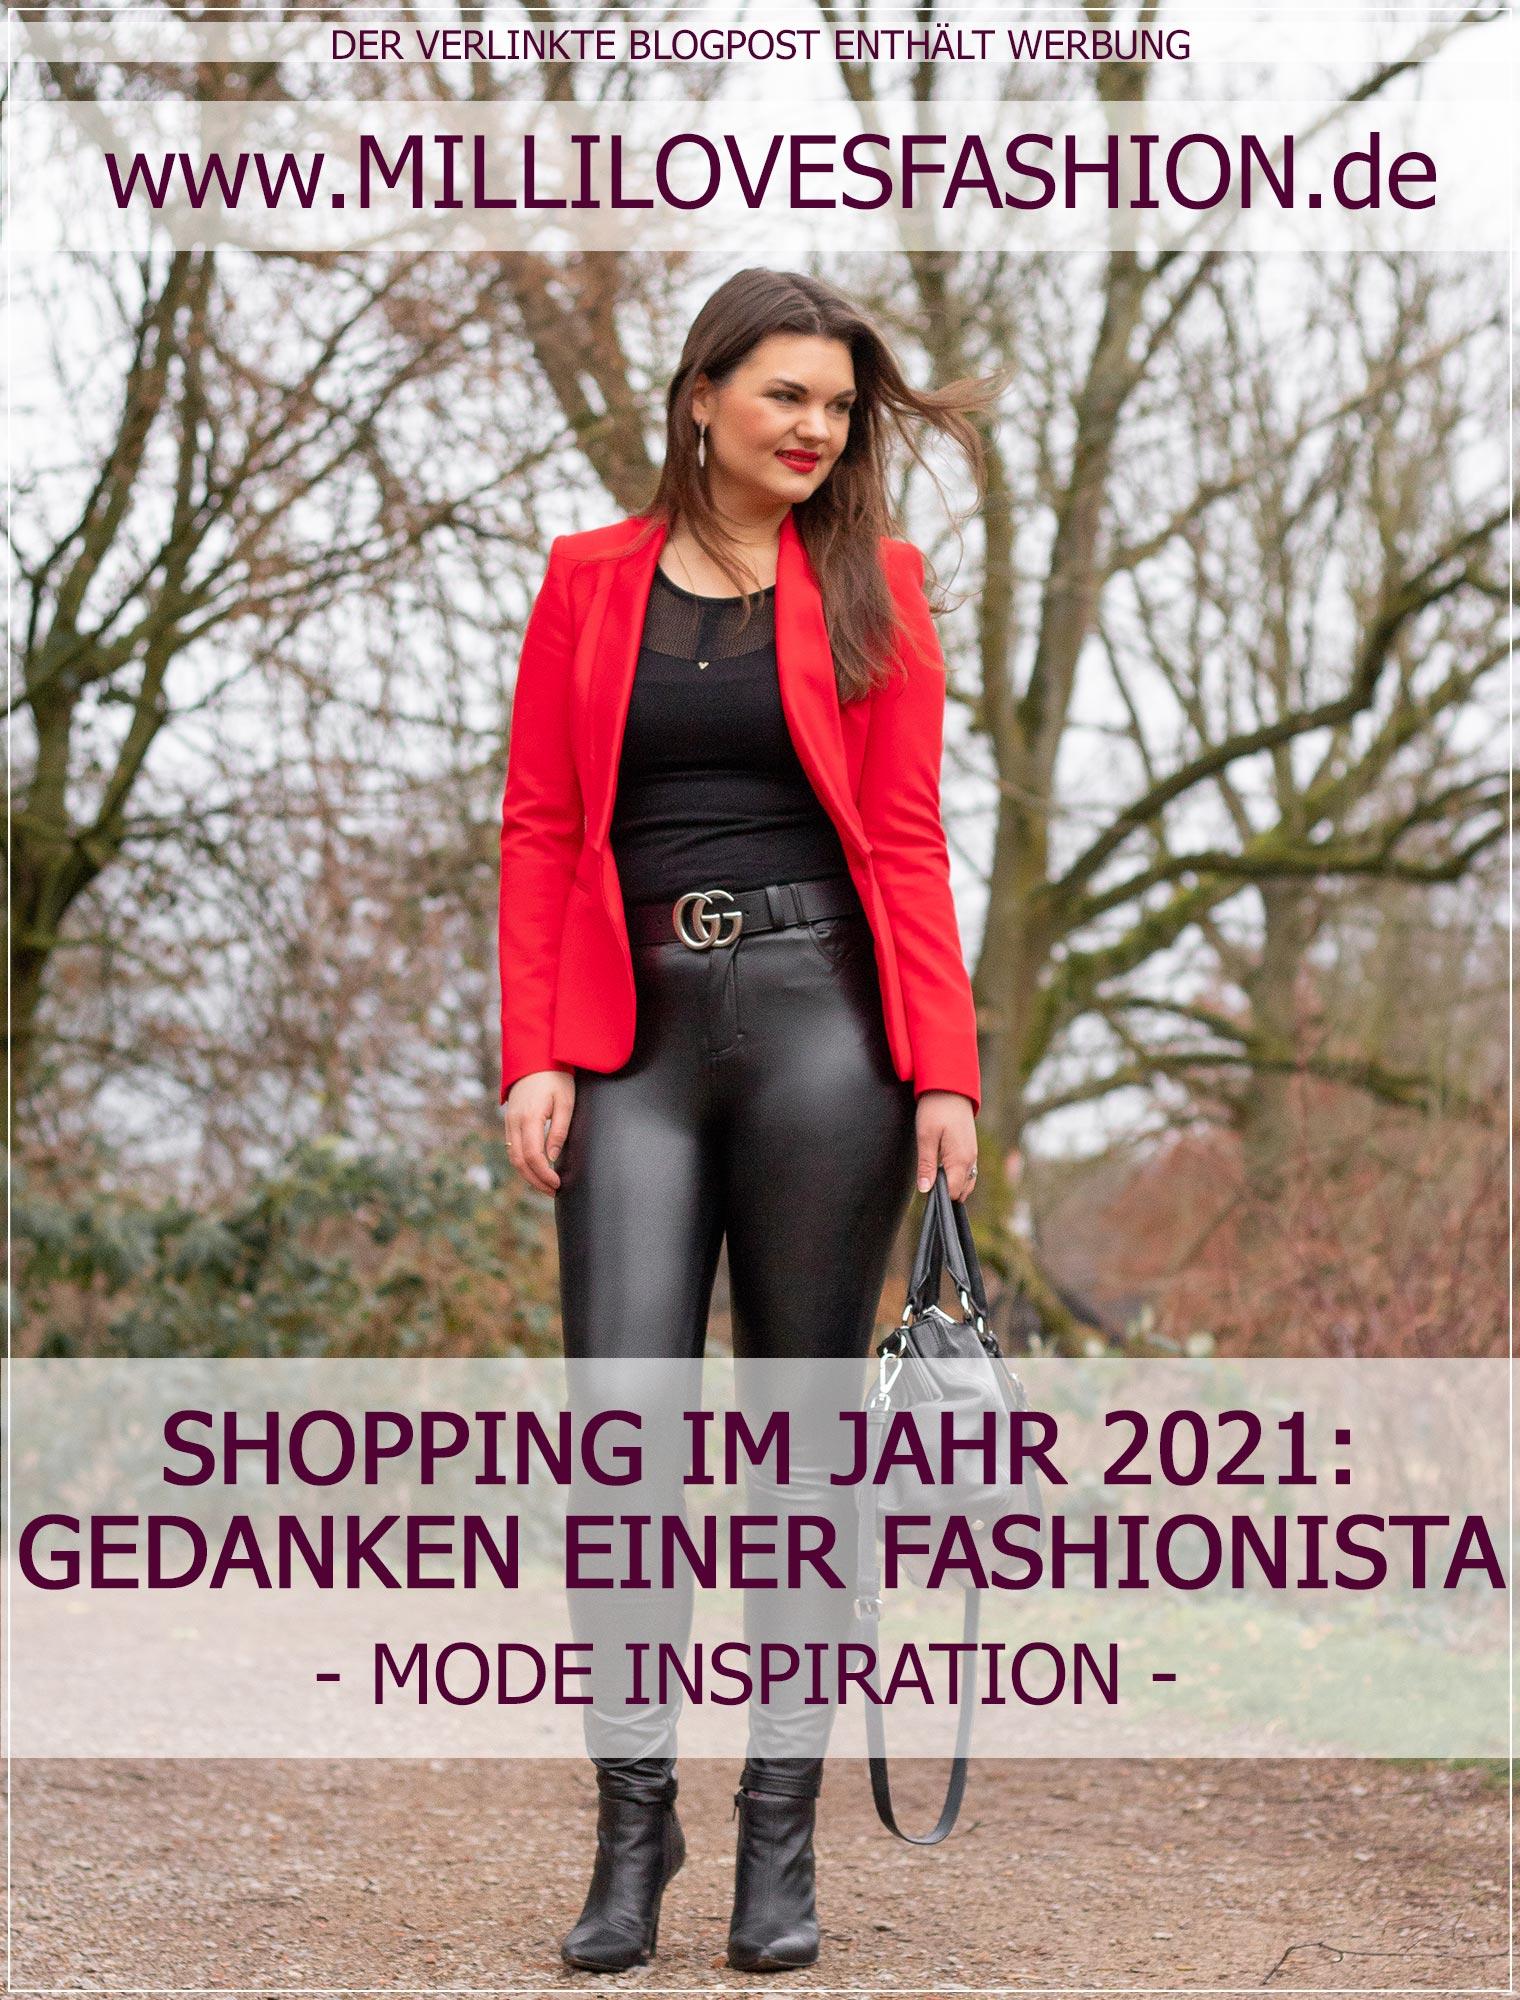 Shoppen im Jahr 2021, Gedanken über die Zukunft des Shoppens